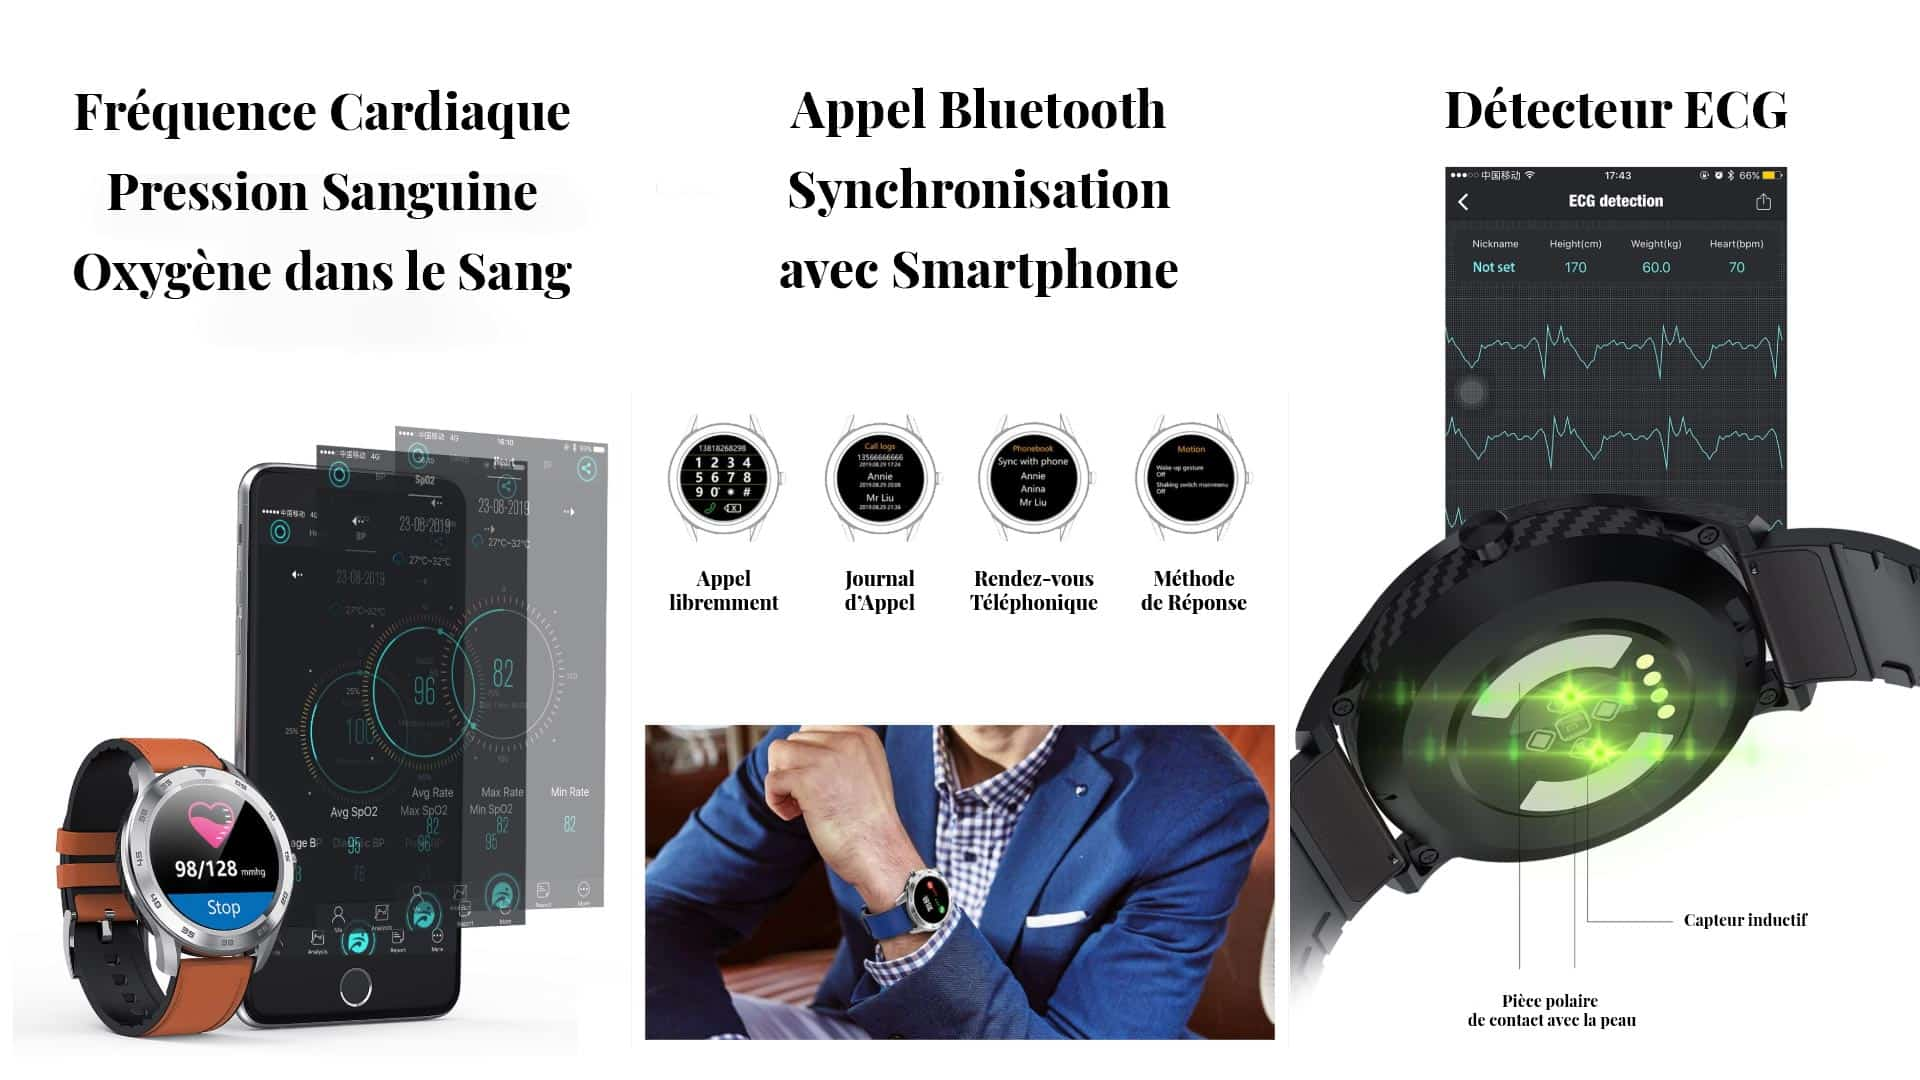 Montres connectées capteurs fréquence cardiaque appel Bluetooth détecteur EGC